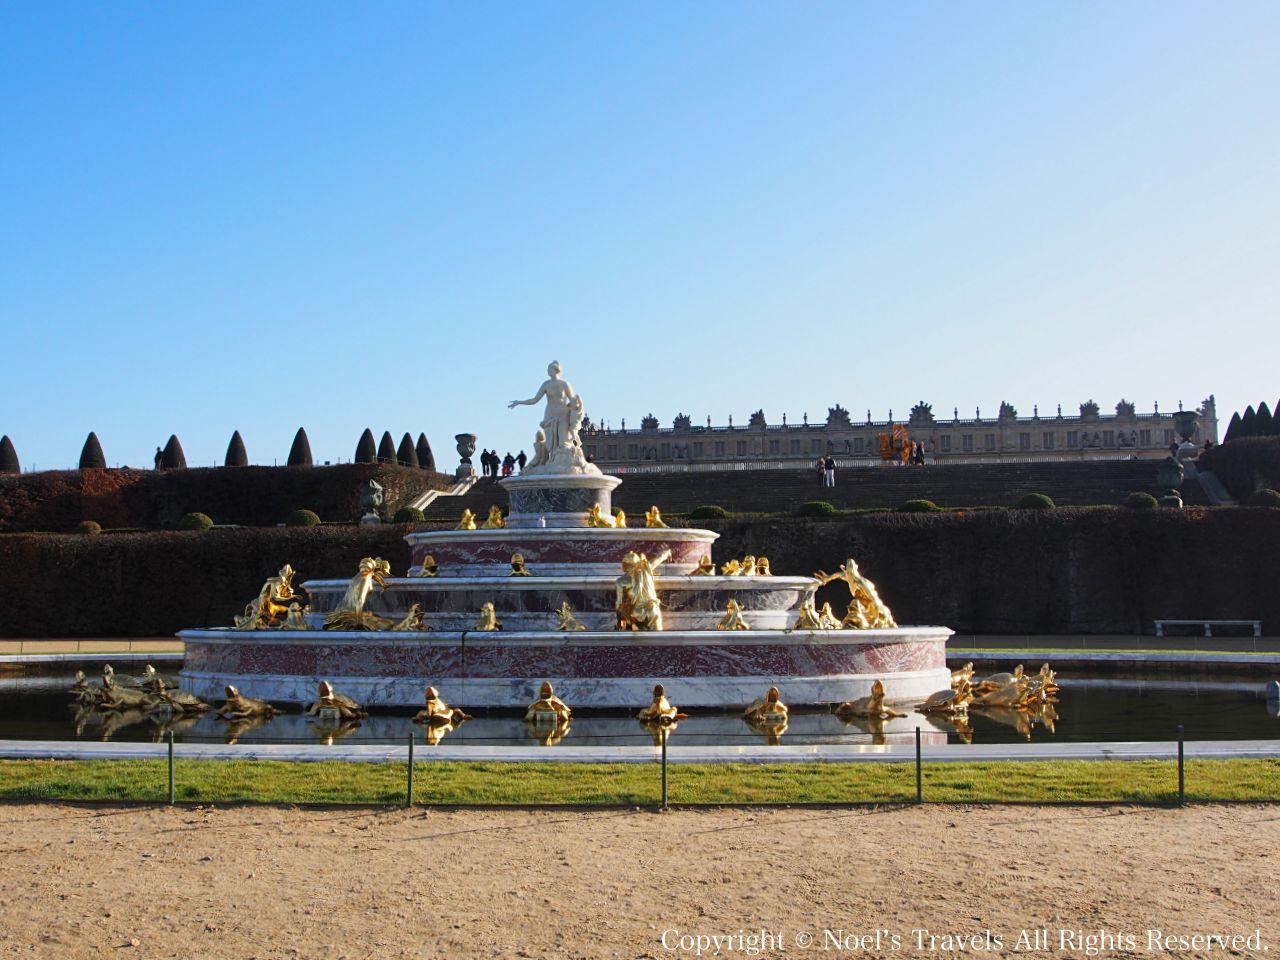 ヴェルサイユ宮殿のラトナの噴水